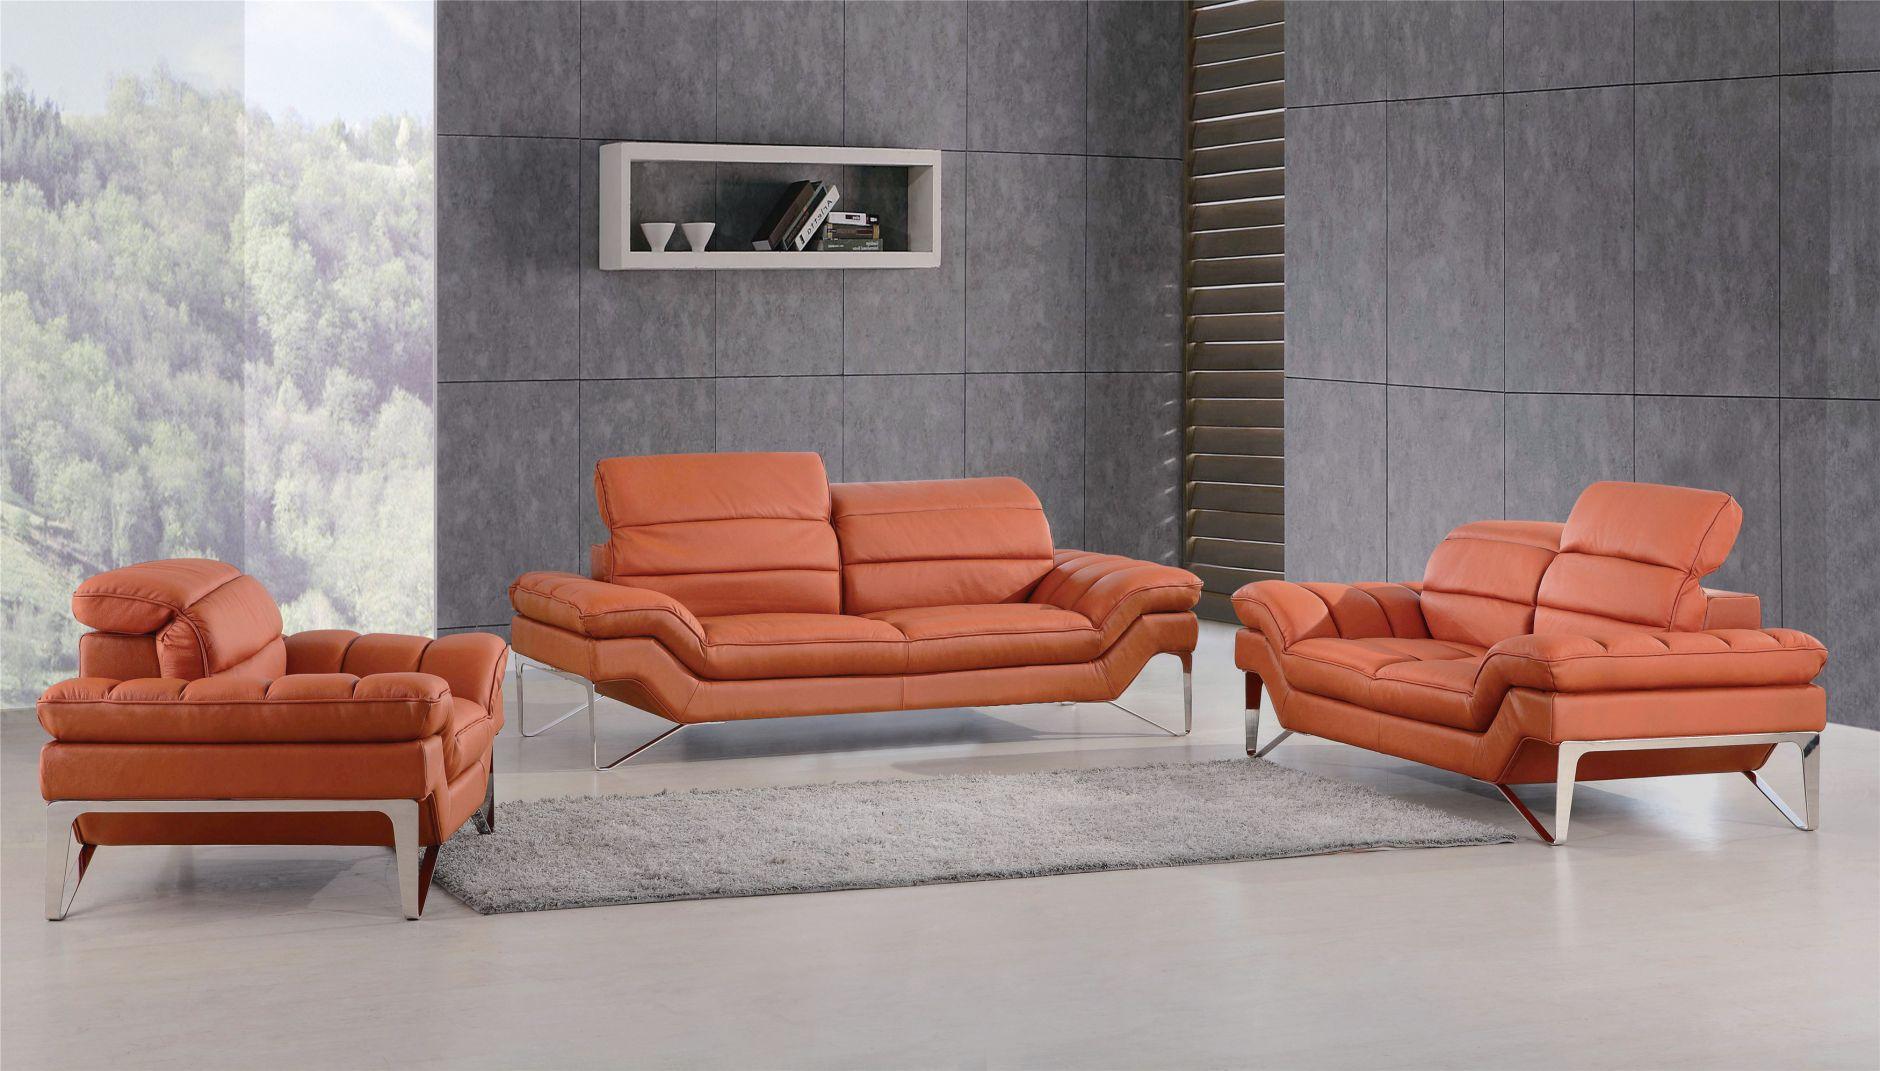 Schön Italienische Polstermöbel Dekoration Von sofa 994